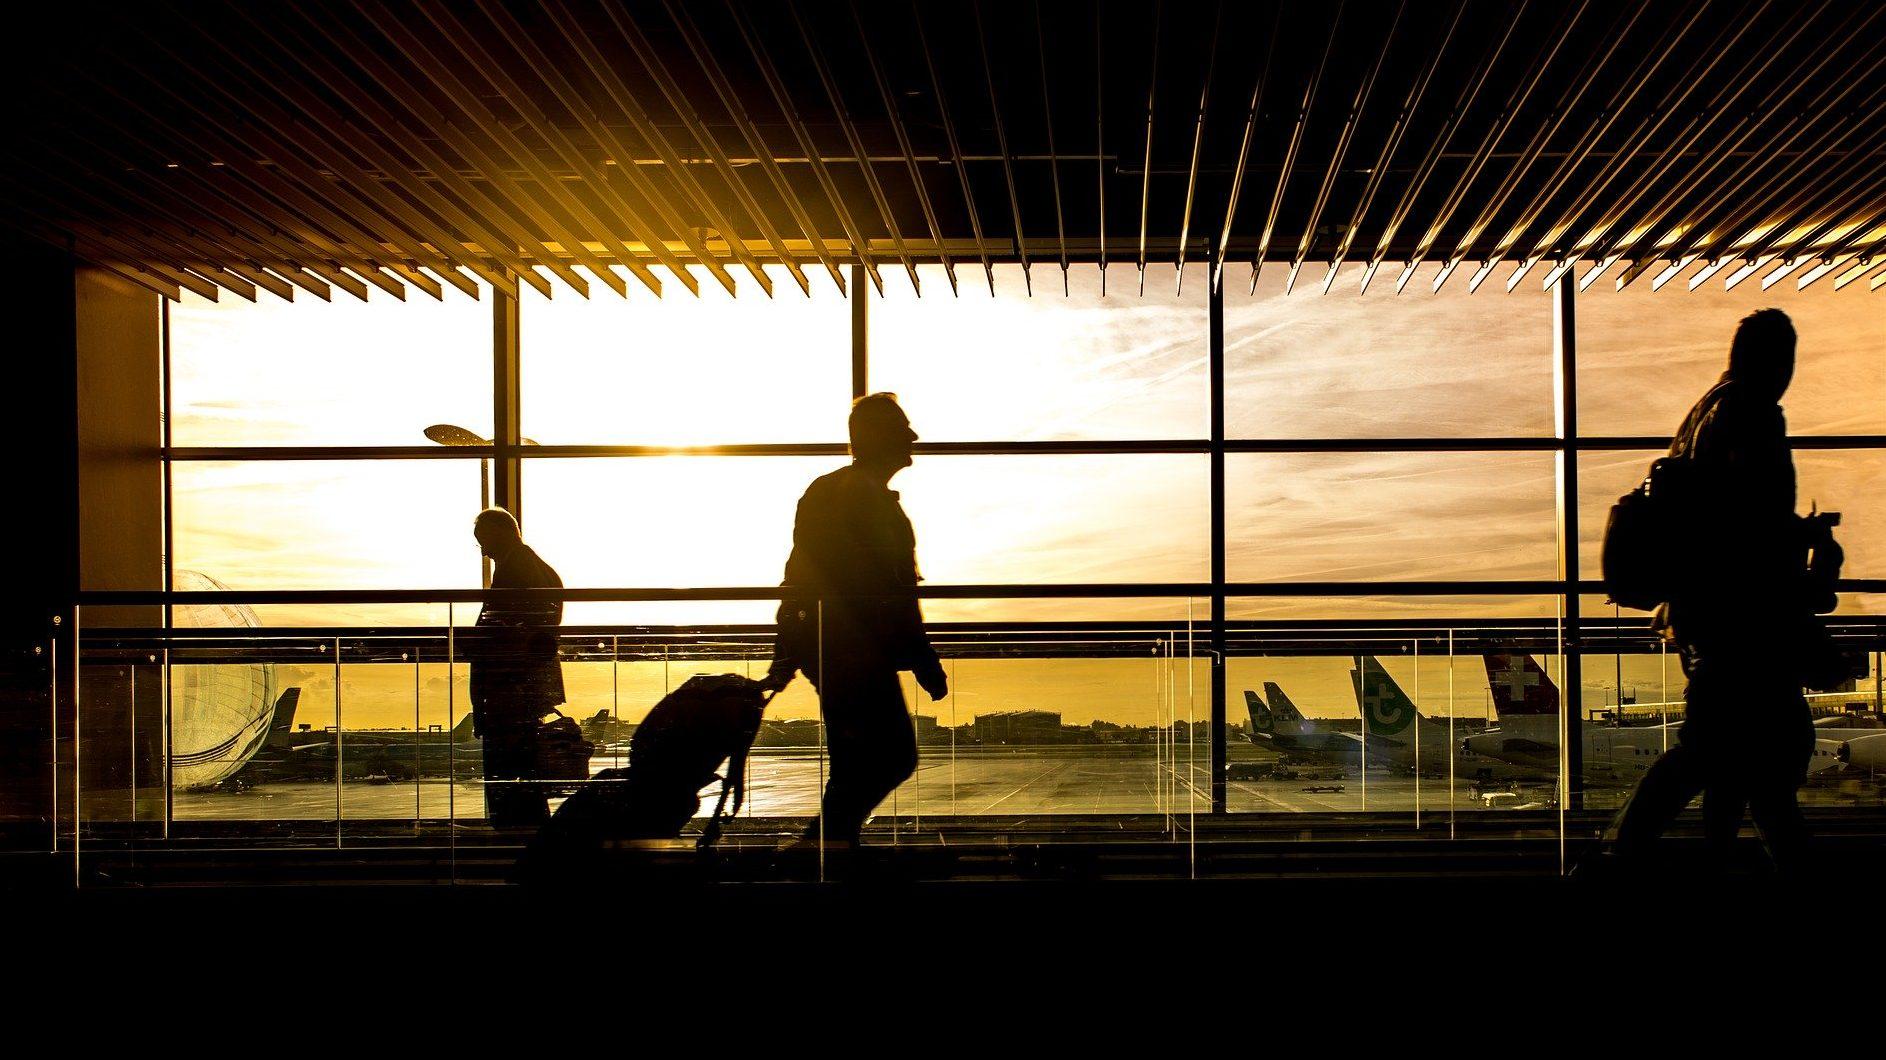 מוביל אווירי טורקי מציע ביטוח נוסעים כולל קורונה